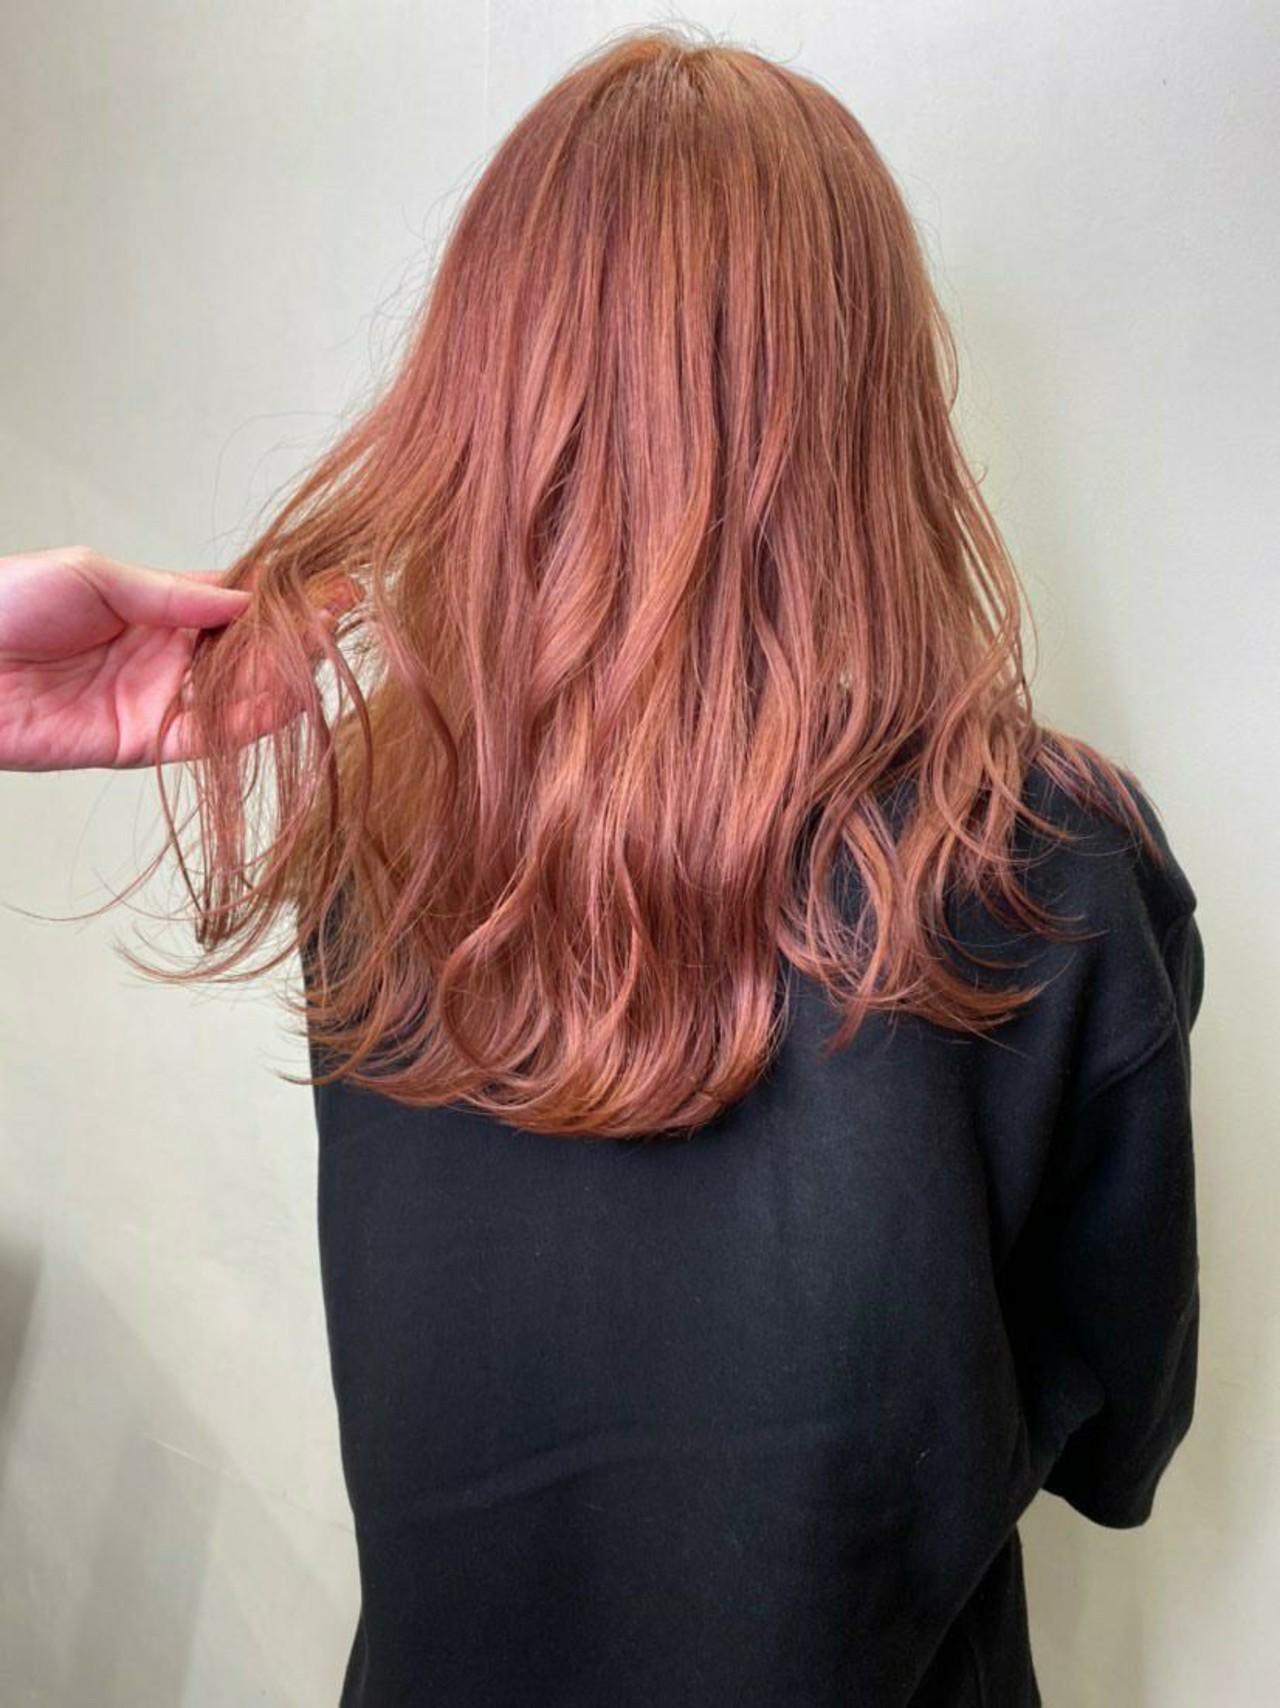 銀座美容室 フェミニン ロング ブリーチカラー ヘアスタイルや髪型の写真・画像 | MATSUDA / HAIR DERA'S 中央通り店